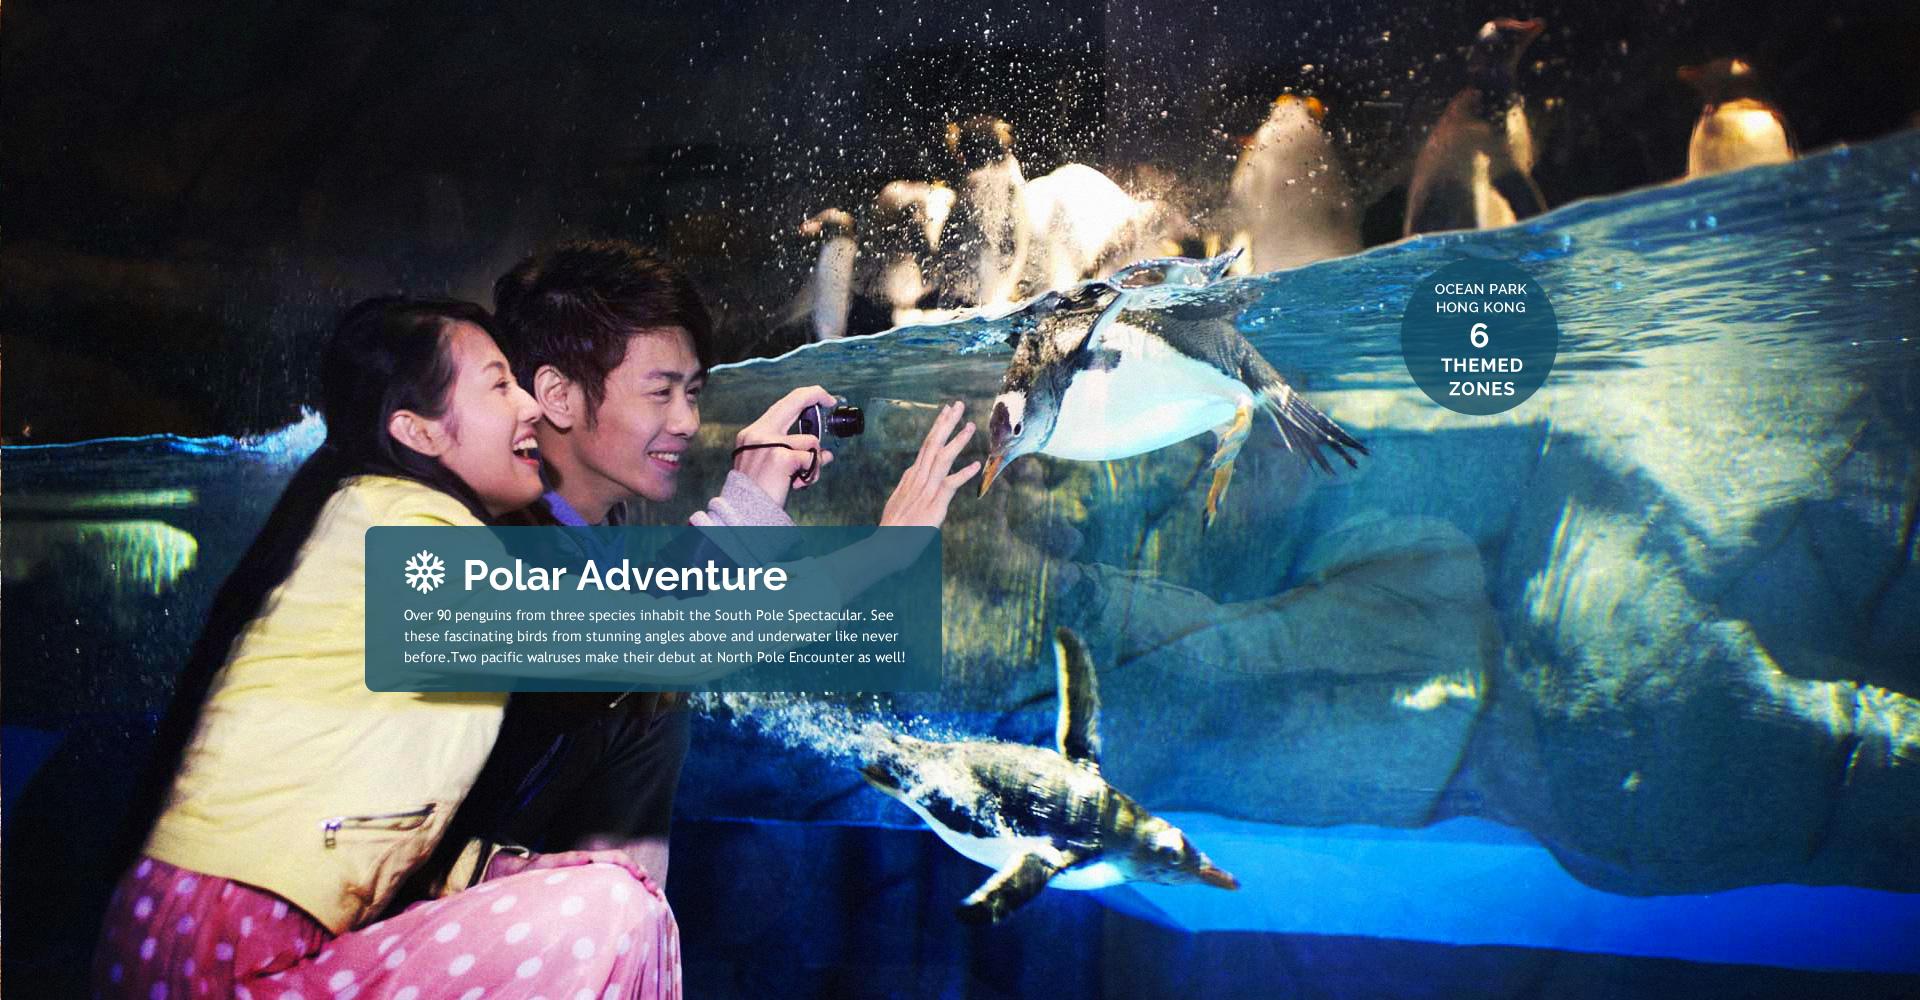 https://media.oceanpark.com.hk/files/s3fs-public/Philippine_inside_banner01_desktop_Polar_1.jpg